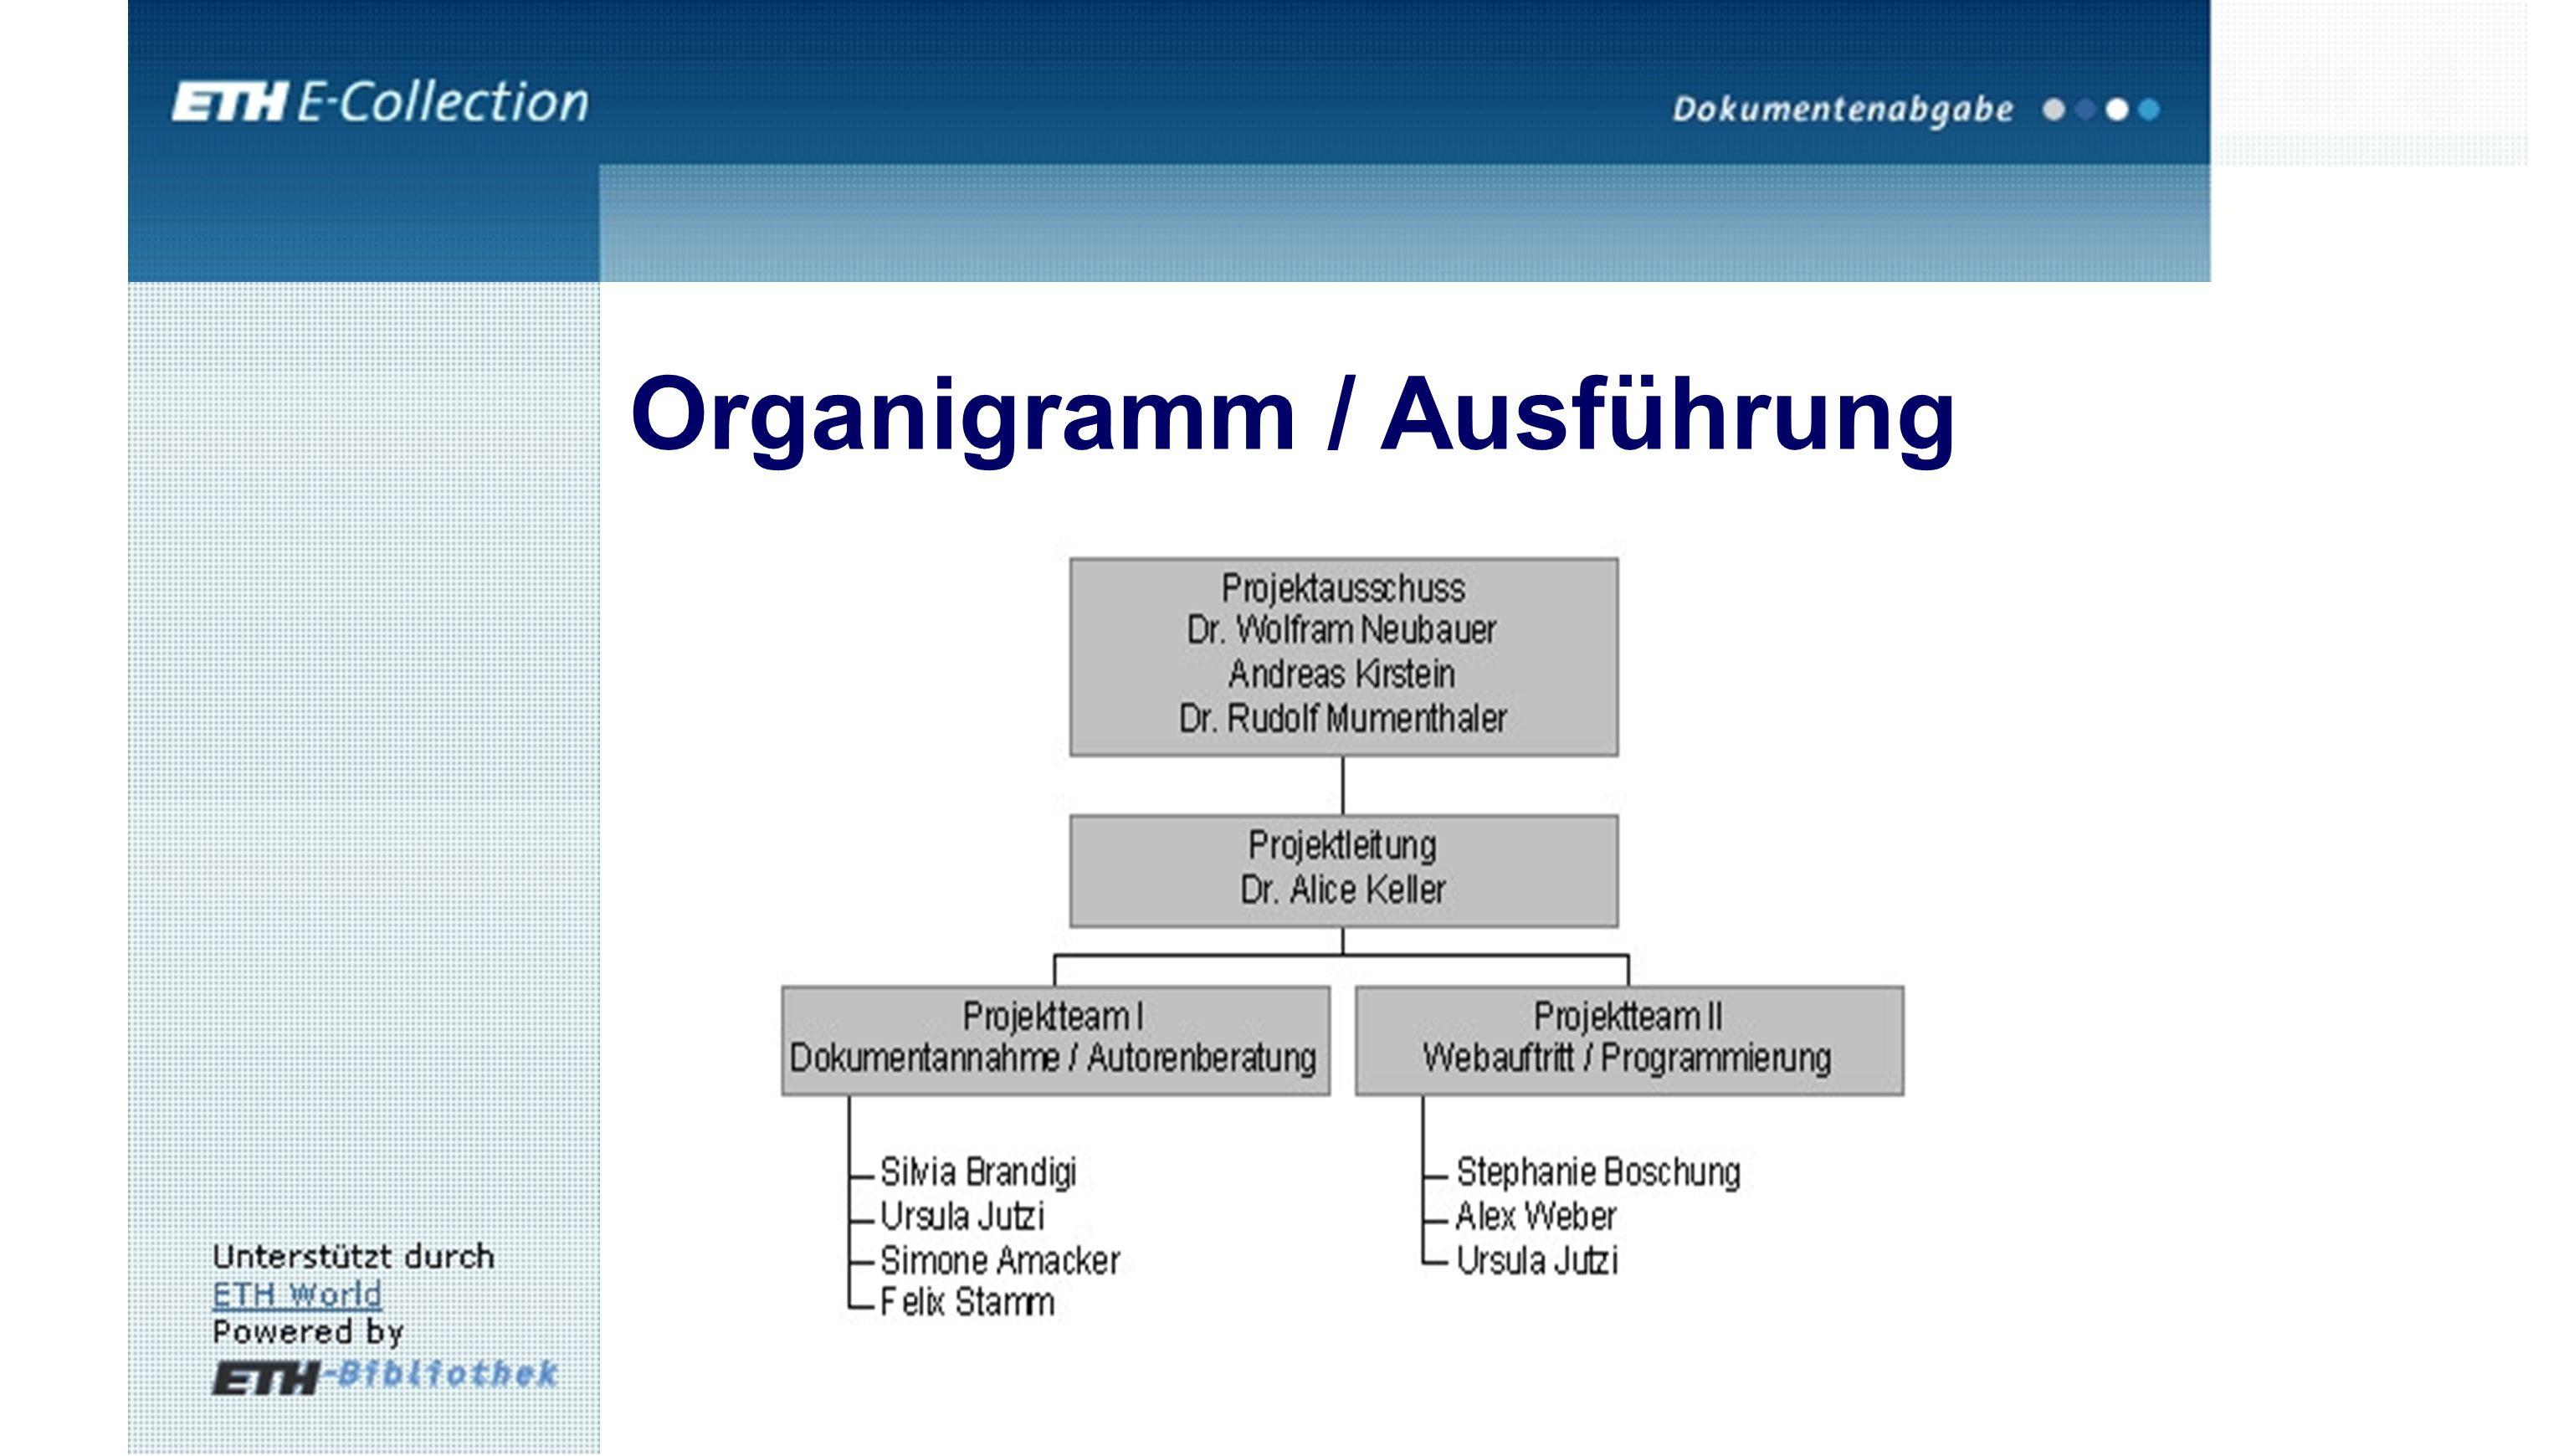 Organigramm / Ausführung